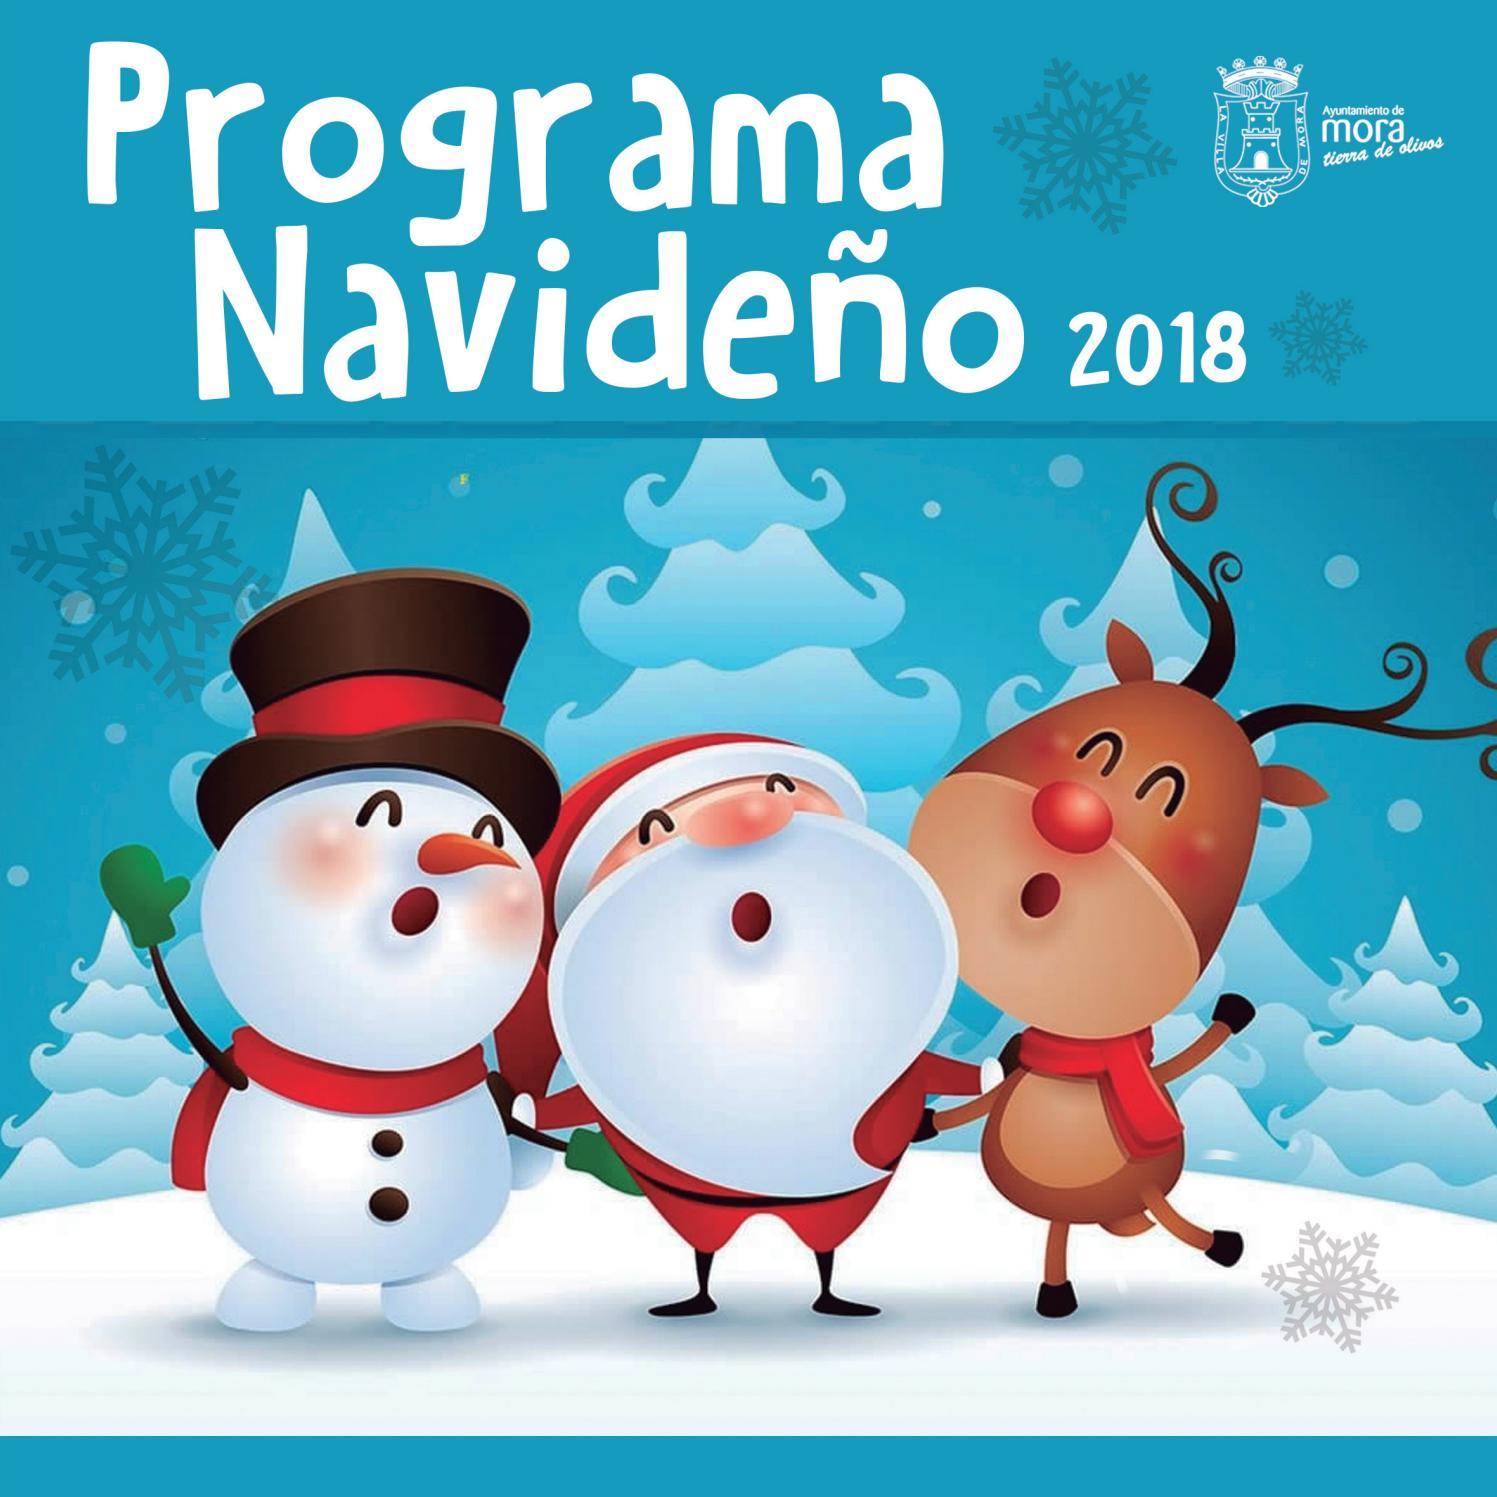 Como Decorar Una Zambomba De Navidad.Programa Navidad 2018 By Ayuntamiento De Mora Issuu